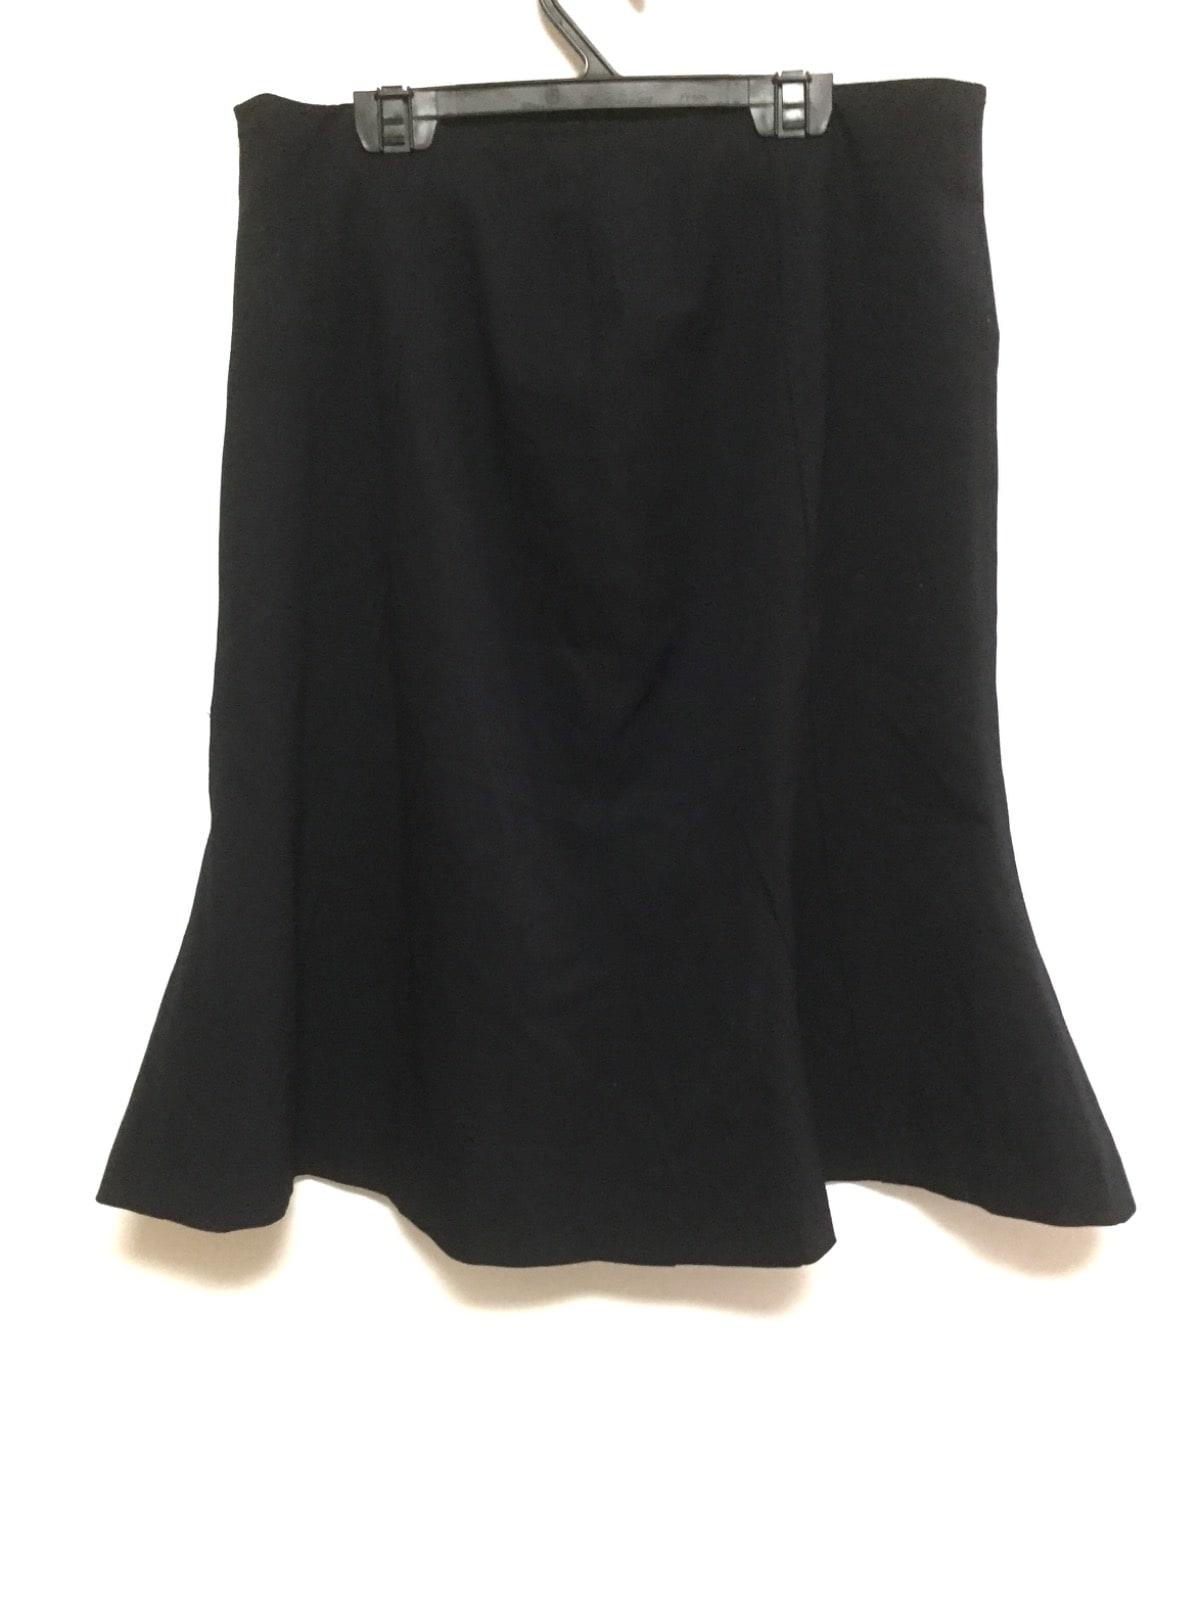 Camalgori(カマルゴリ)のスカート